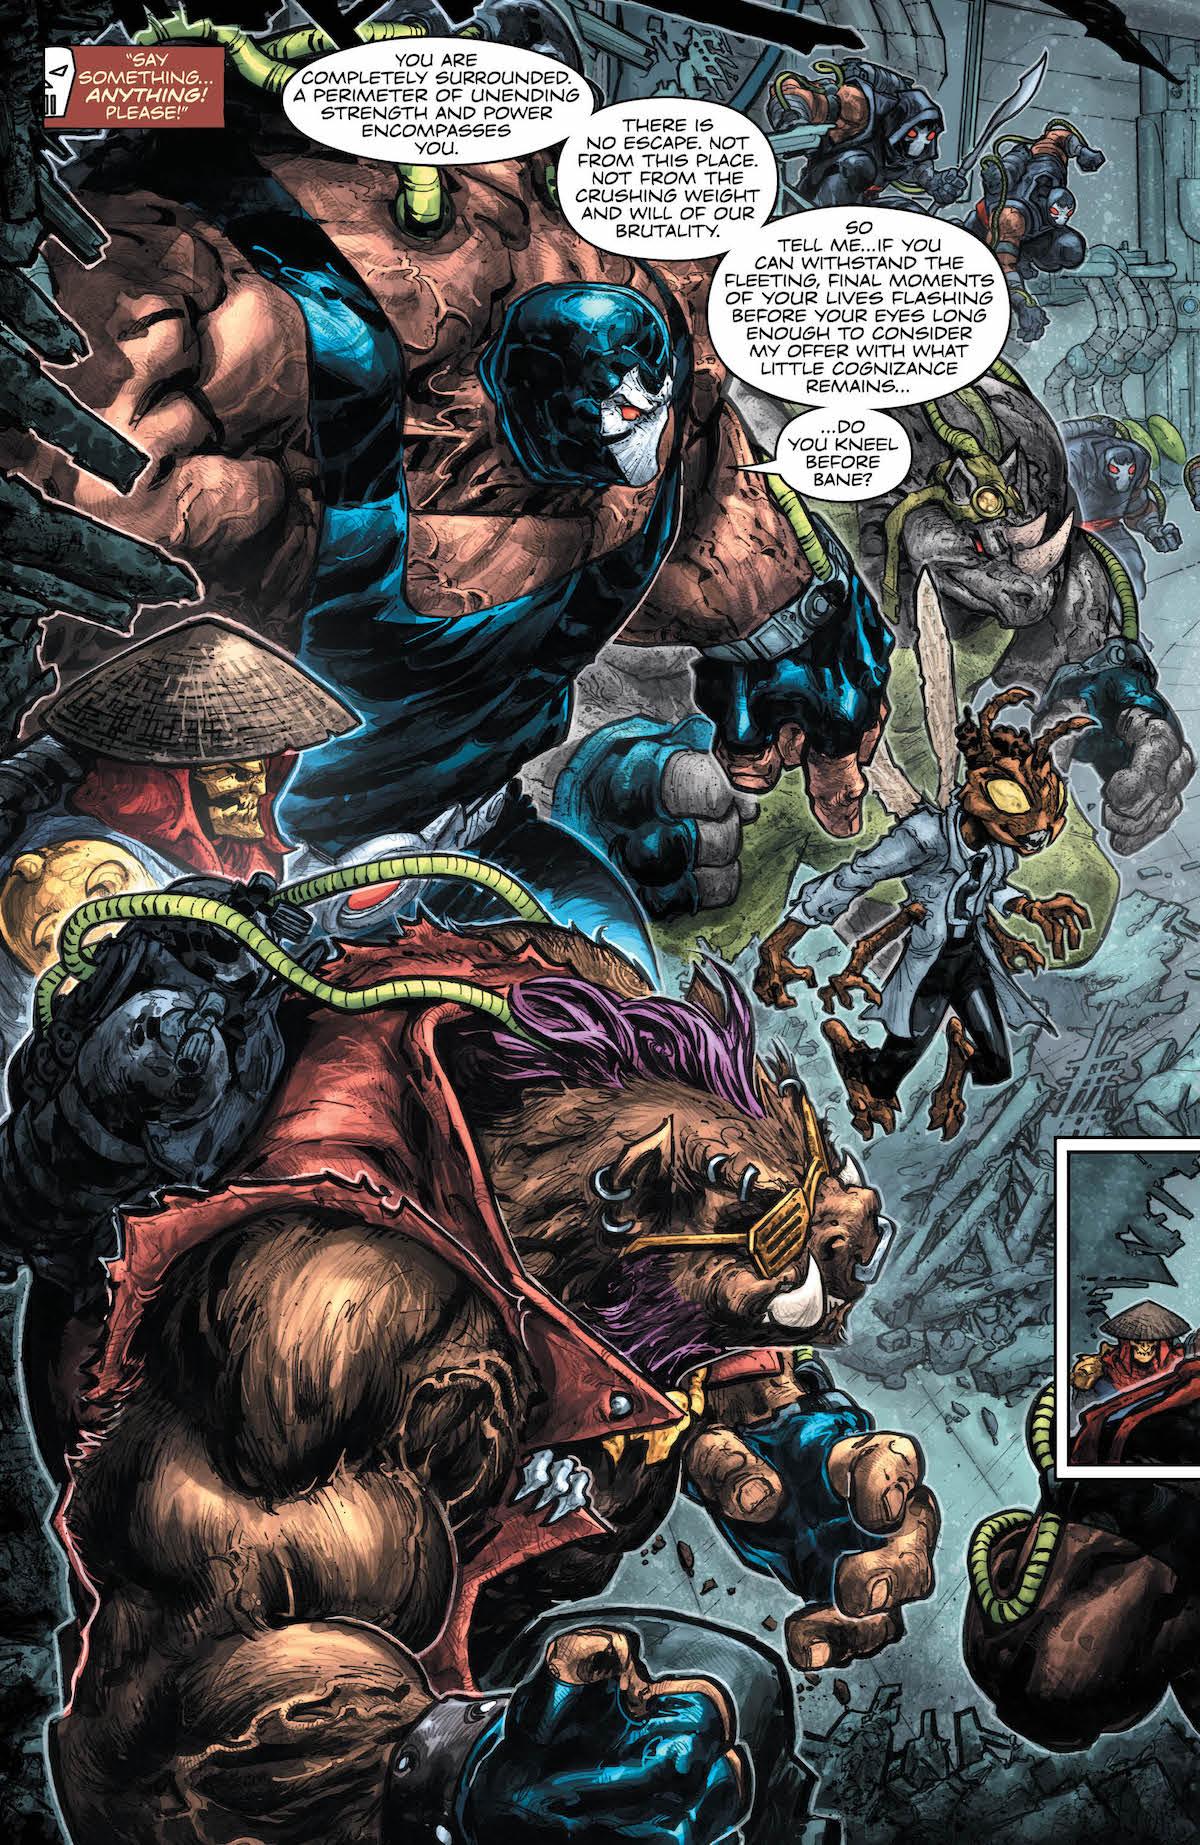 Batman/Teenage Mutant Ninja Turtles 2 #4